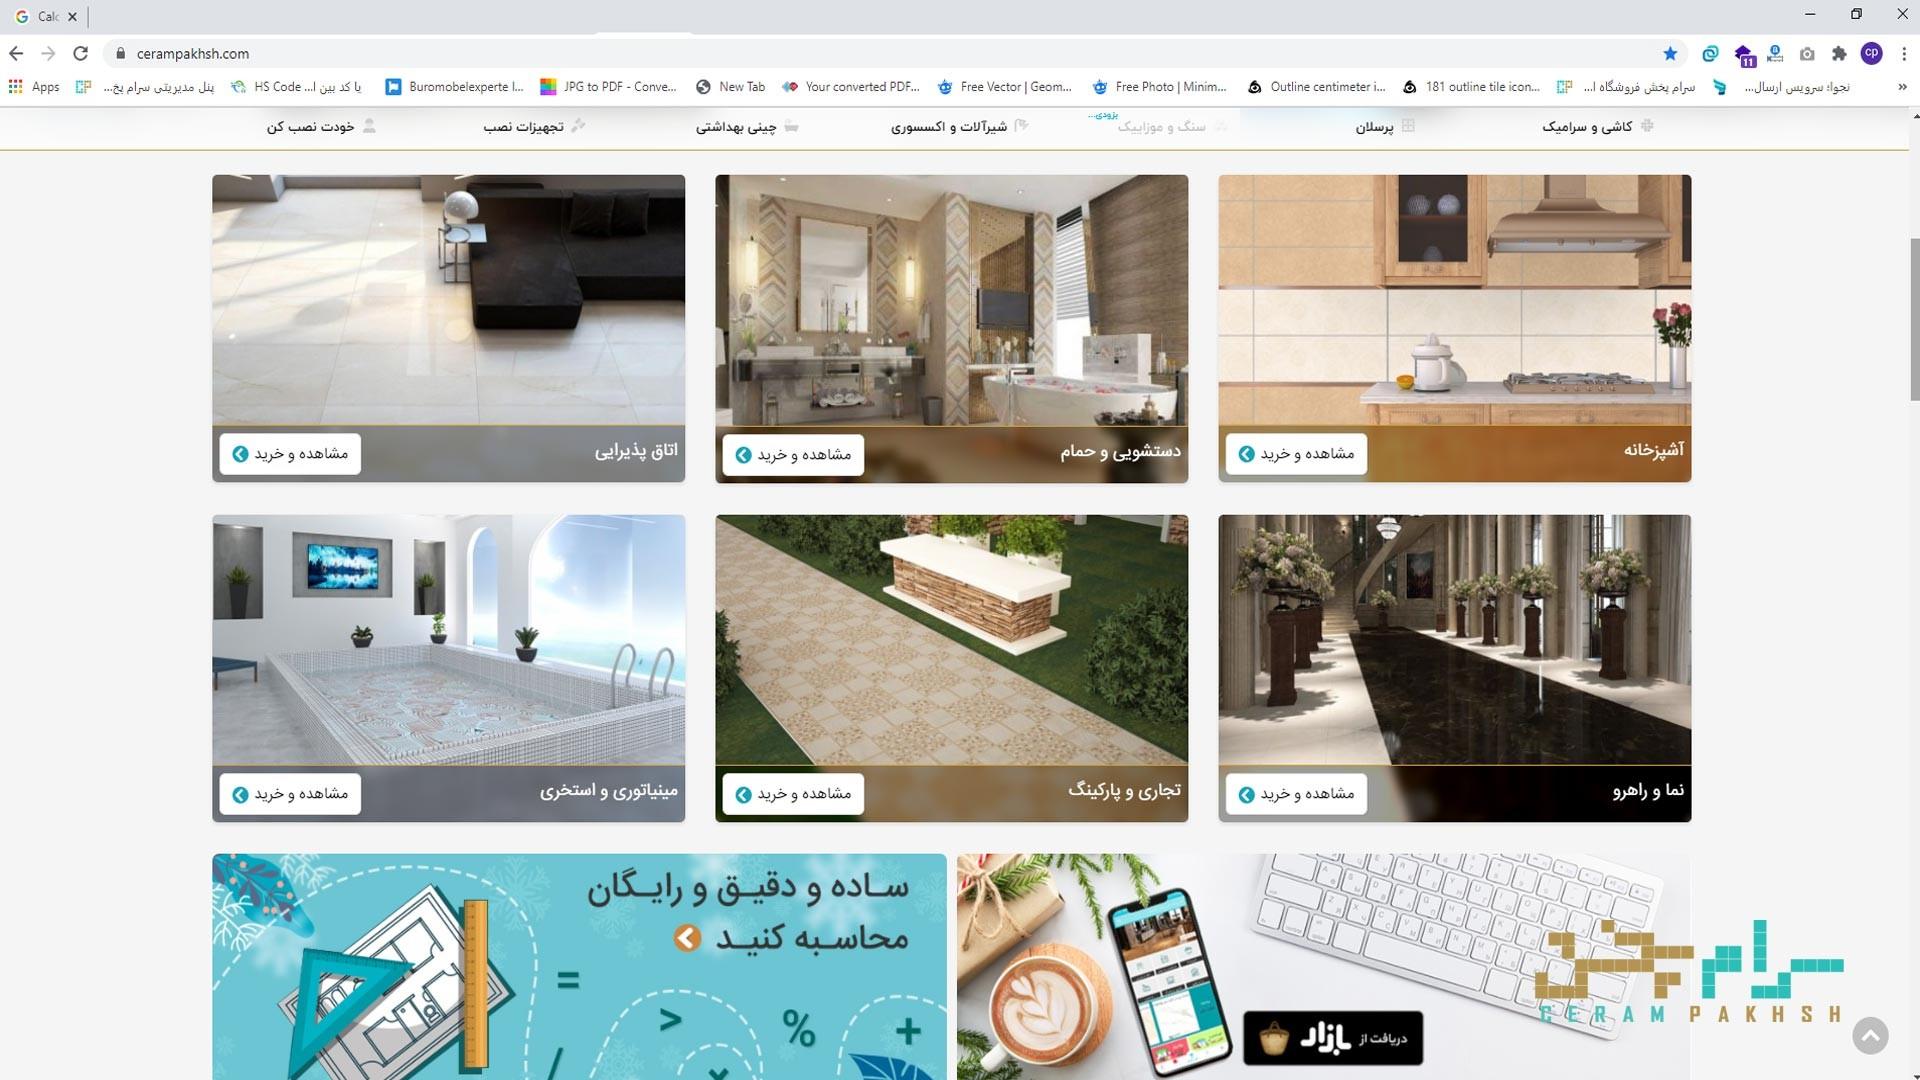 رمز و رازهای خرید آنلاین کاشی و سرامیک